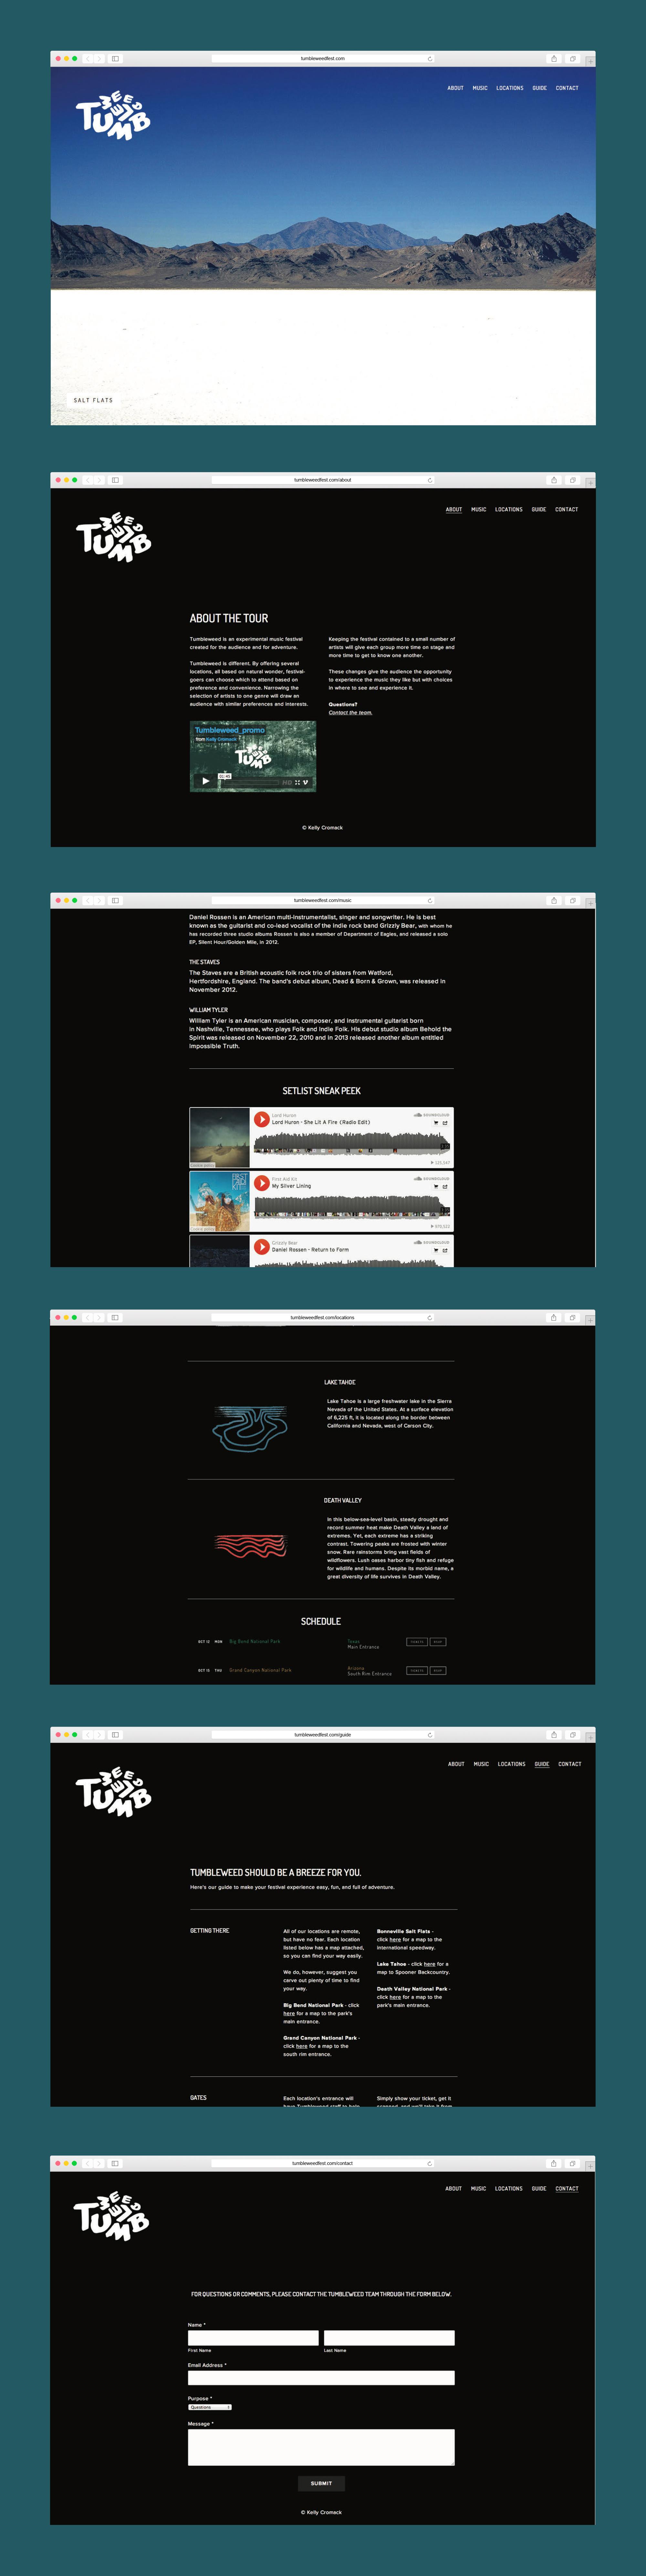 Tumbleweed_Website_Mockup.jpg